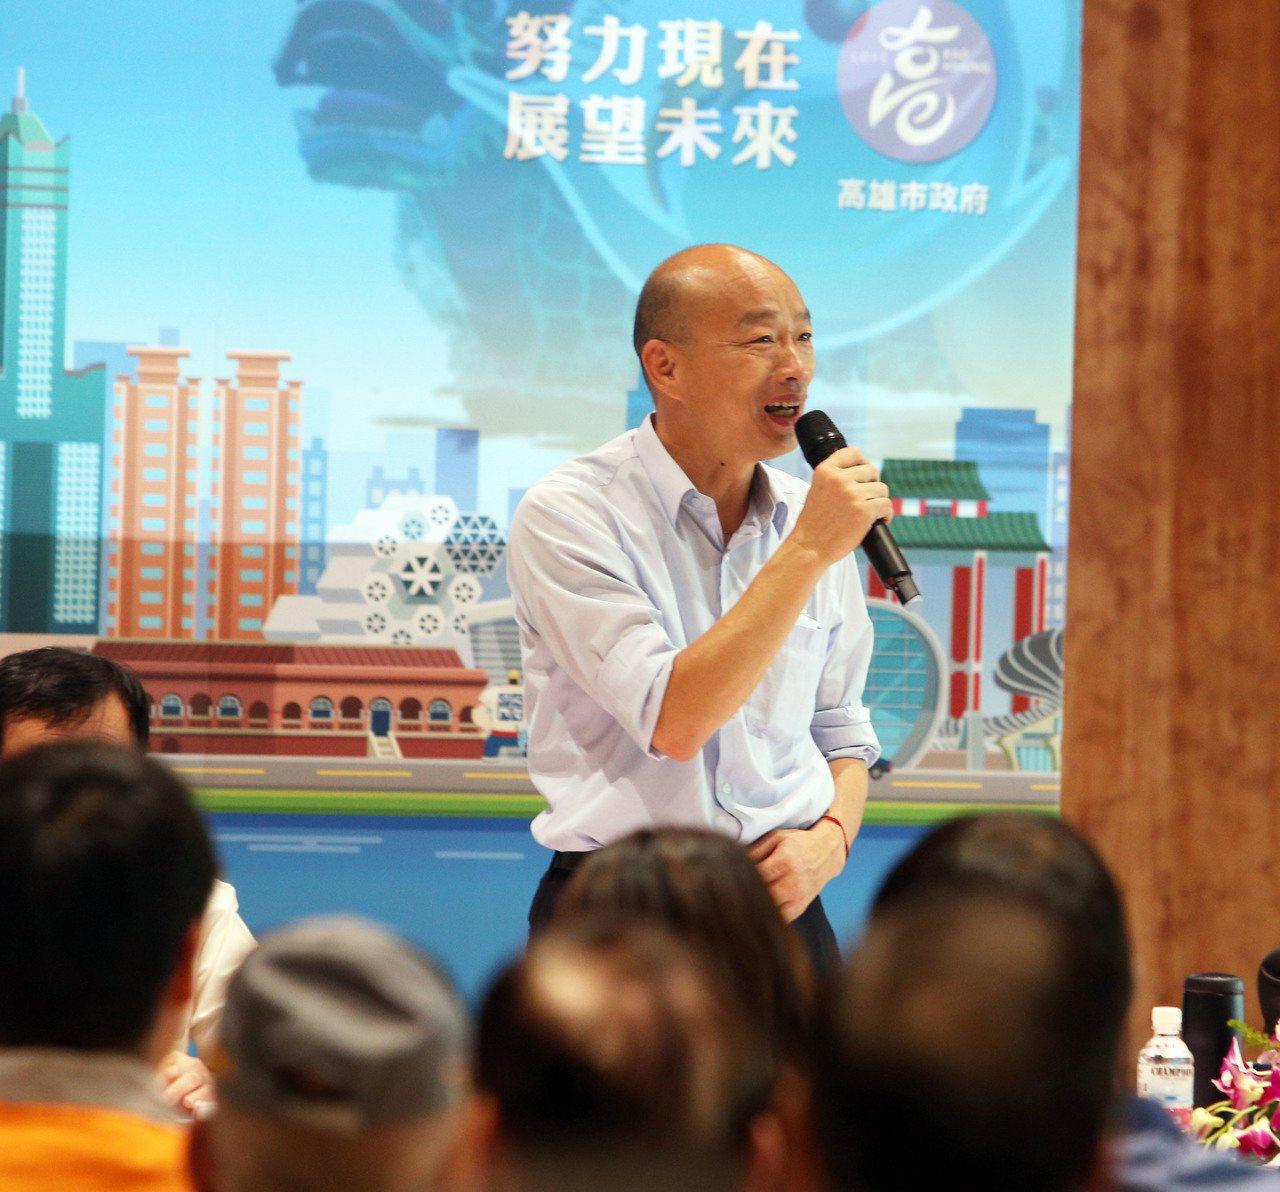 高雄市長韓國瑜的基層請益開講列車,今天開到林園區,林園地方人士請市政府力爭並加緊...